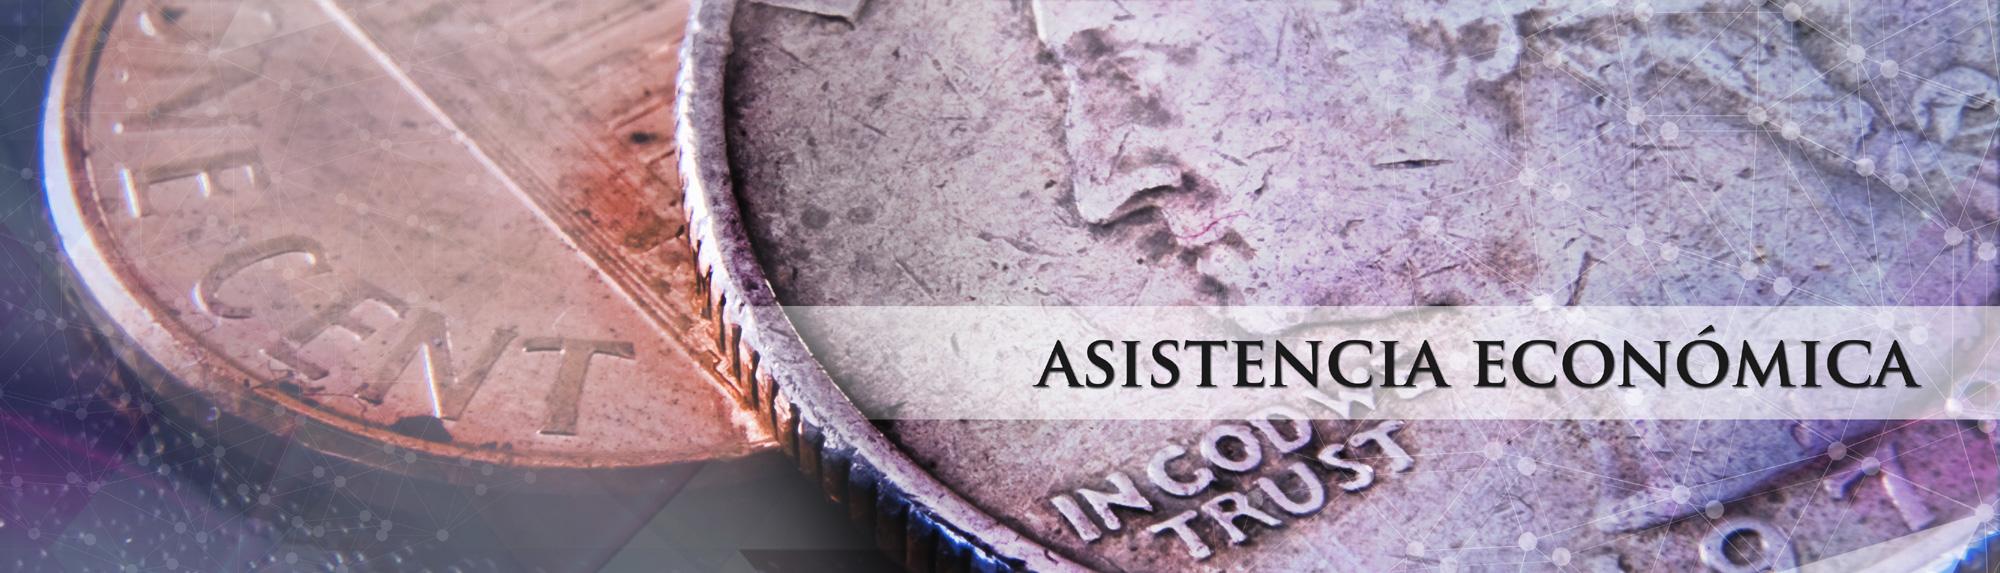 ucb_asistencia-economica_fi